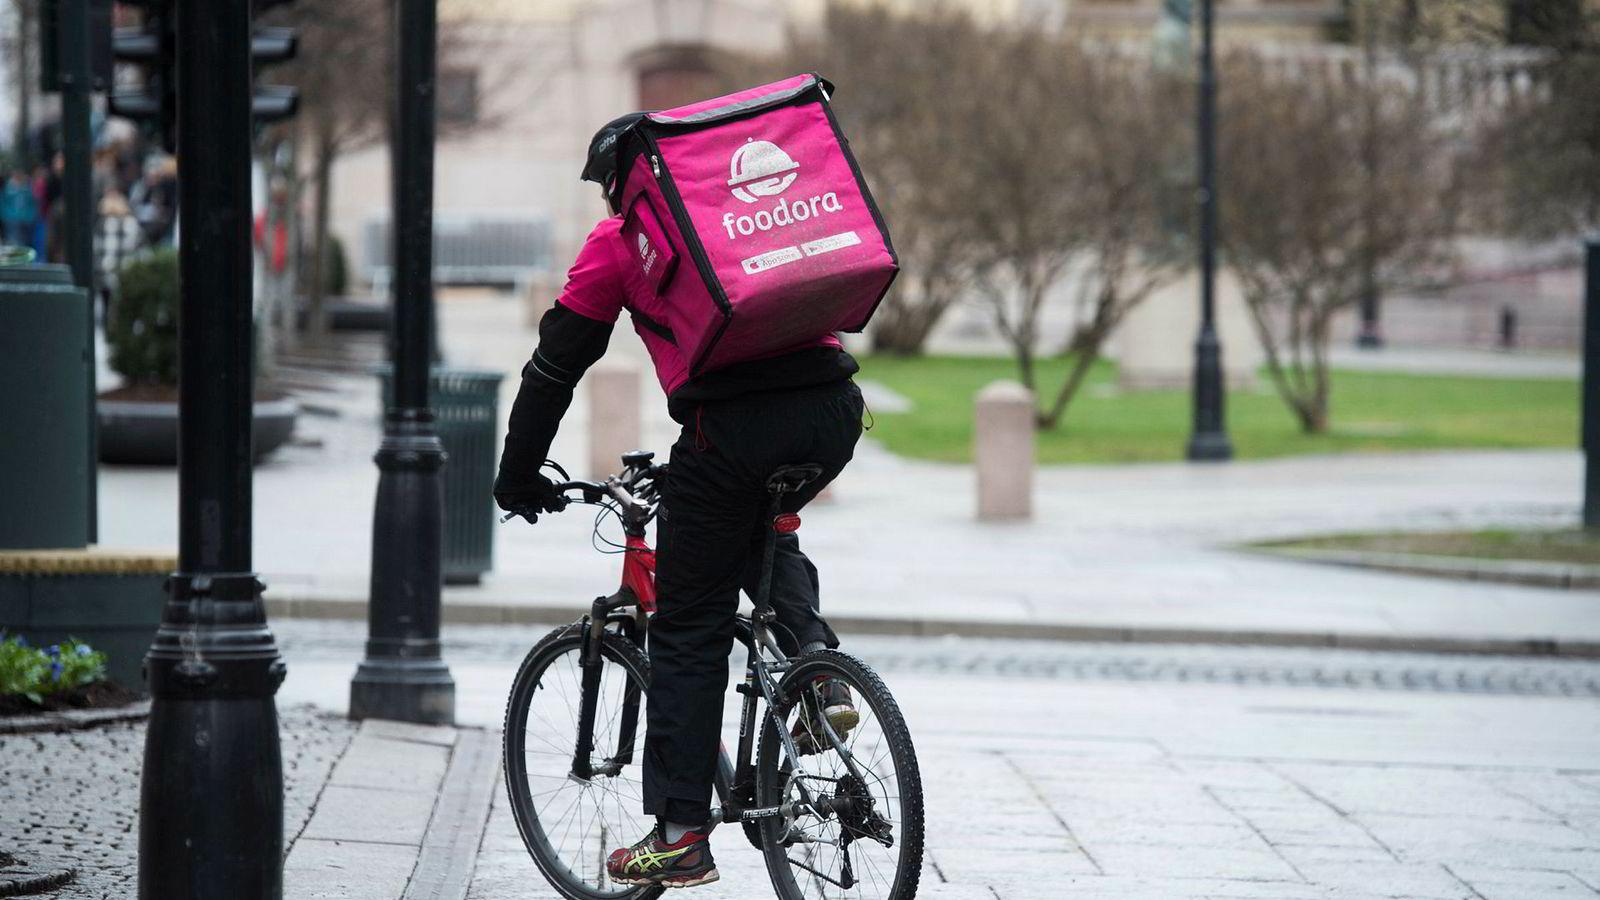 På starten av året fikk Foodoras rosa sykler selskap av rosa biler i bybildet i Oslo.